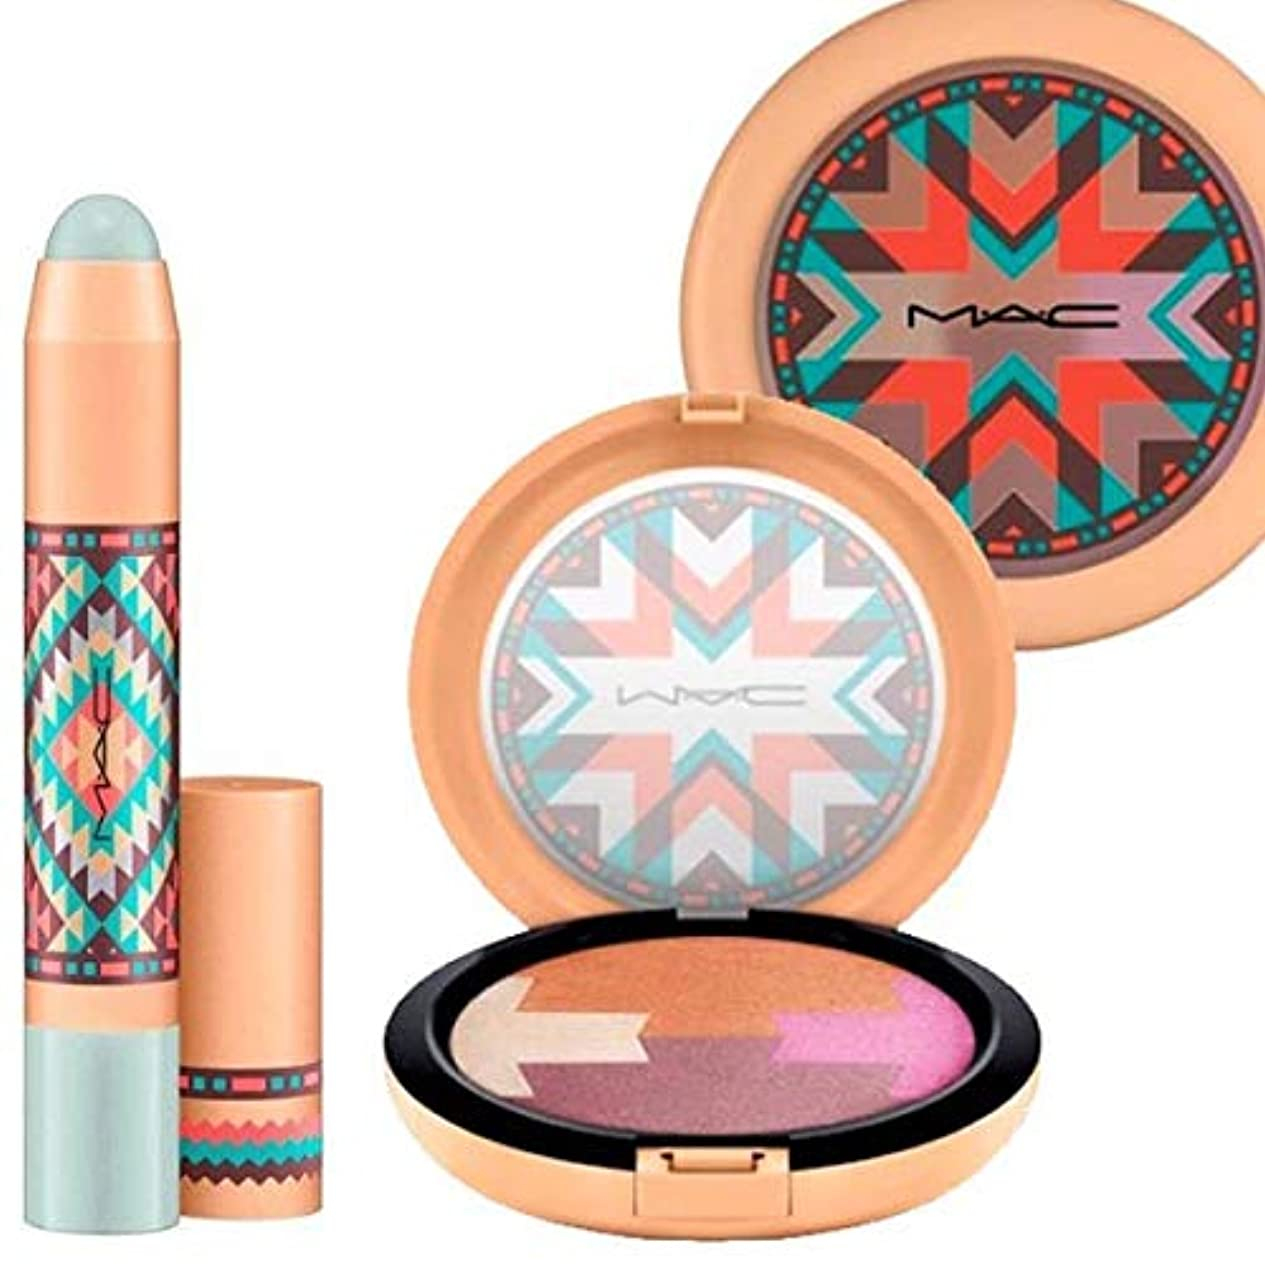 邪魔アラビア語ウールM.A.C ?マック, 限定版 !!! Vibe Tribe/Gleamtones Powder & Desert Evening Lip Pencil [海外直送品] [並行輸入品]